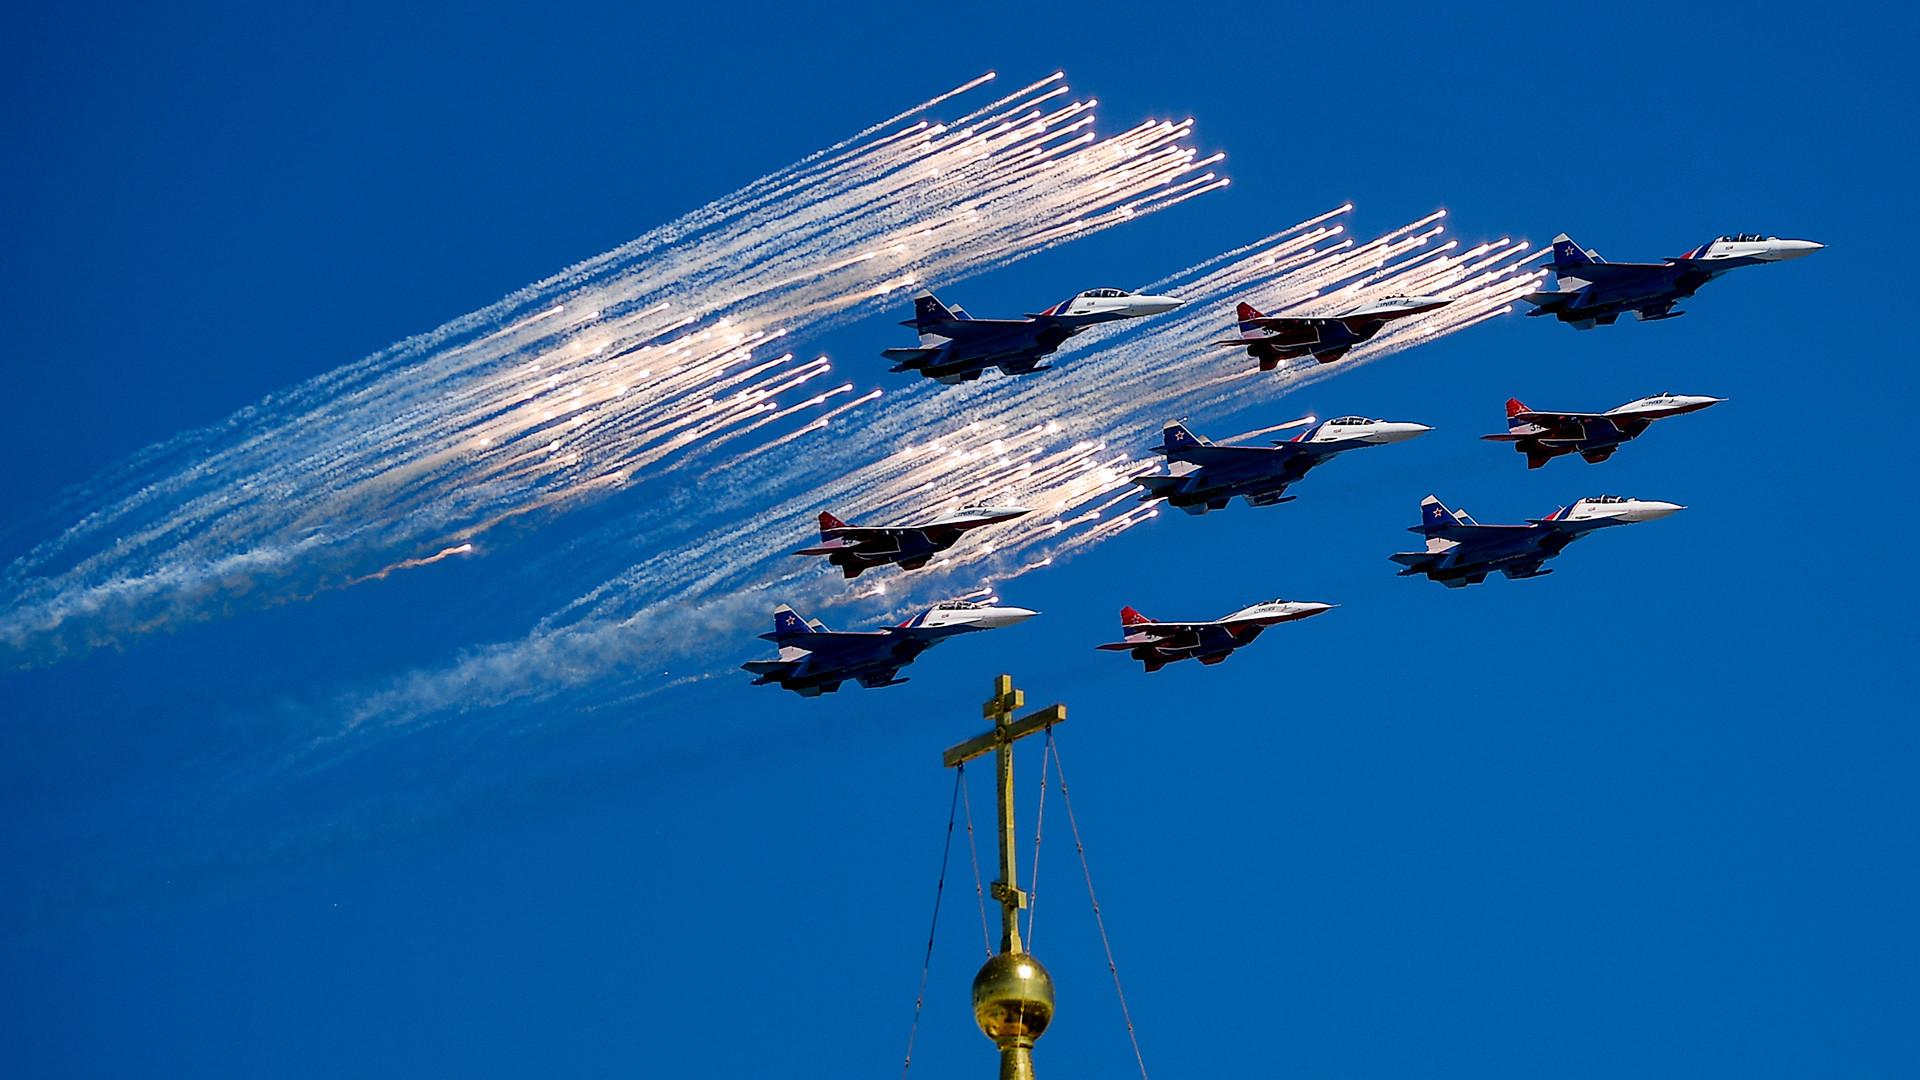 Des Su-30SM pilotés par l'équipe acrobatique des Preux Russes et un MiG-29